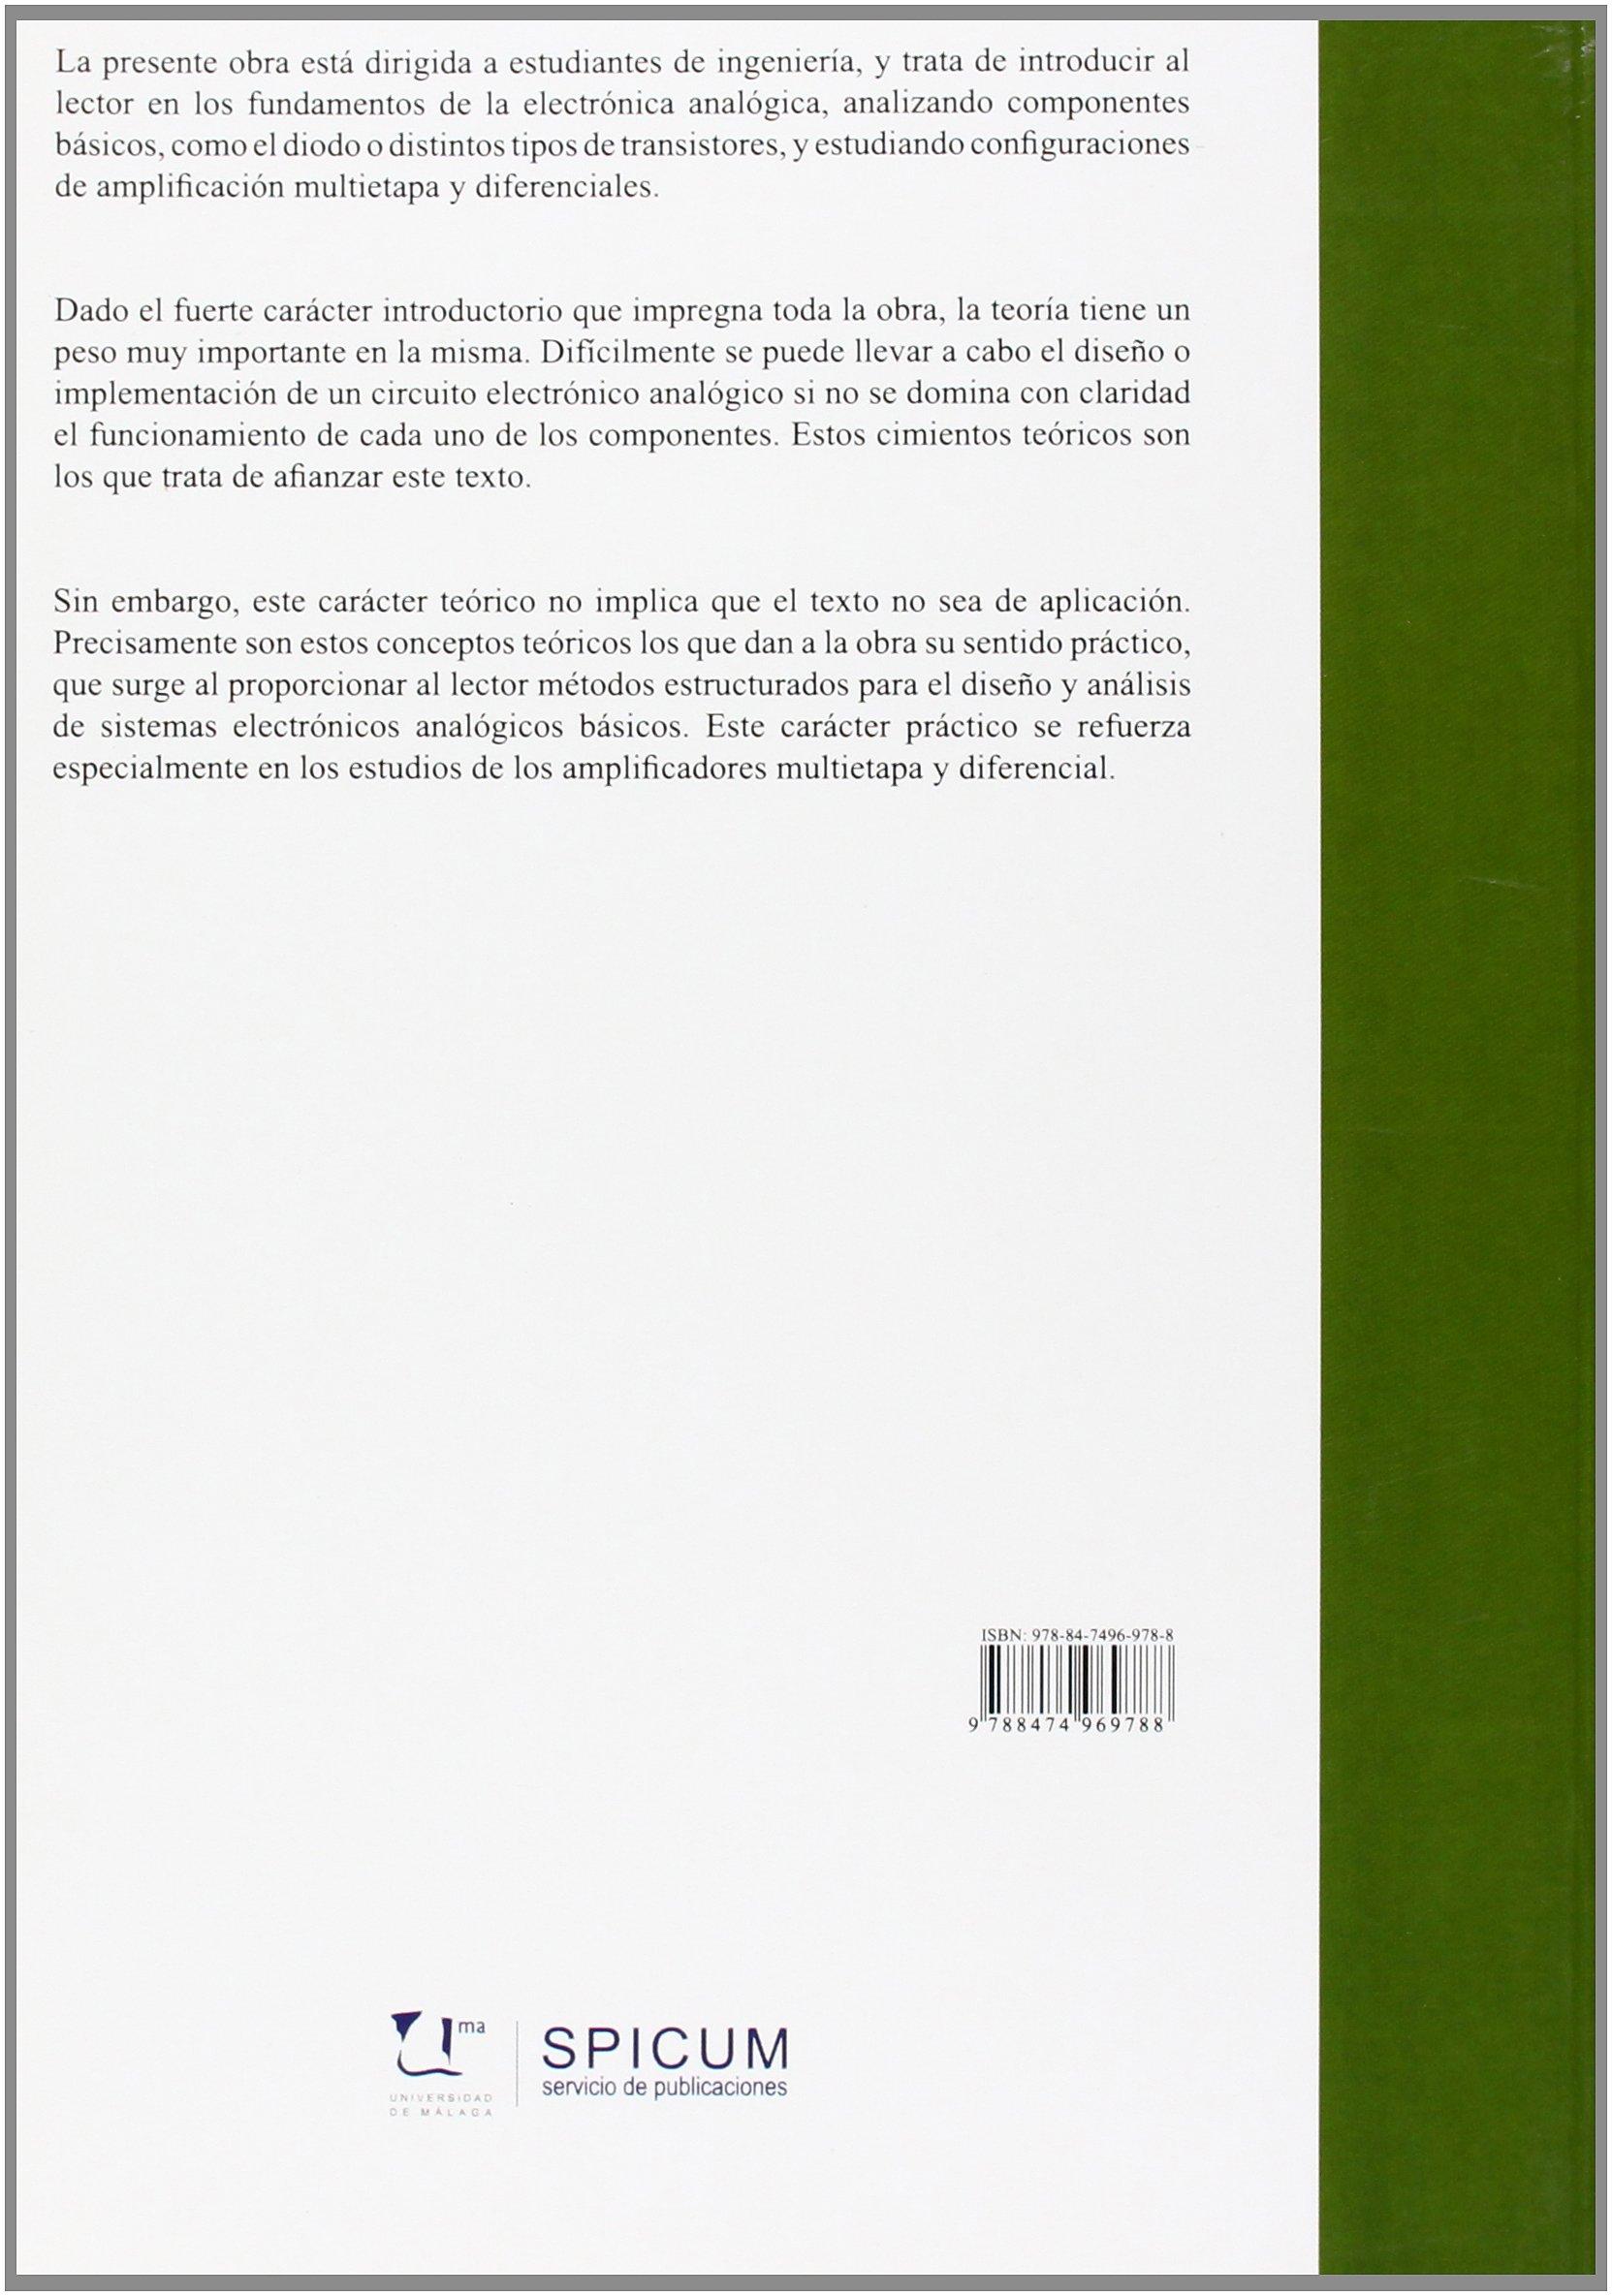 Fundamentos de Electrónica Analógica (Manuales): Amazon.es: Antonio J. Bandera Rubio, Eduardo Casilari Pérez, Concepción Téllez Labao, Juan Manuel Romero ...